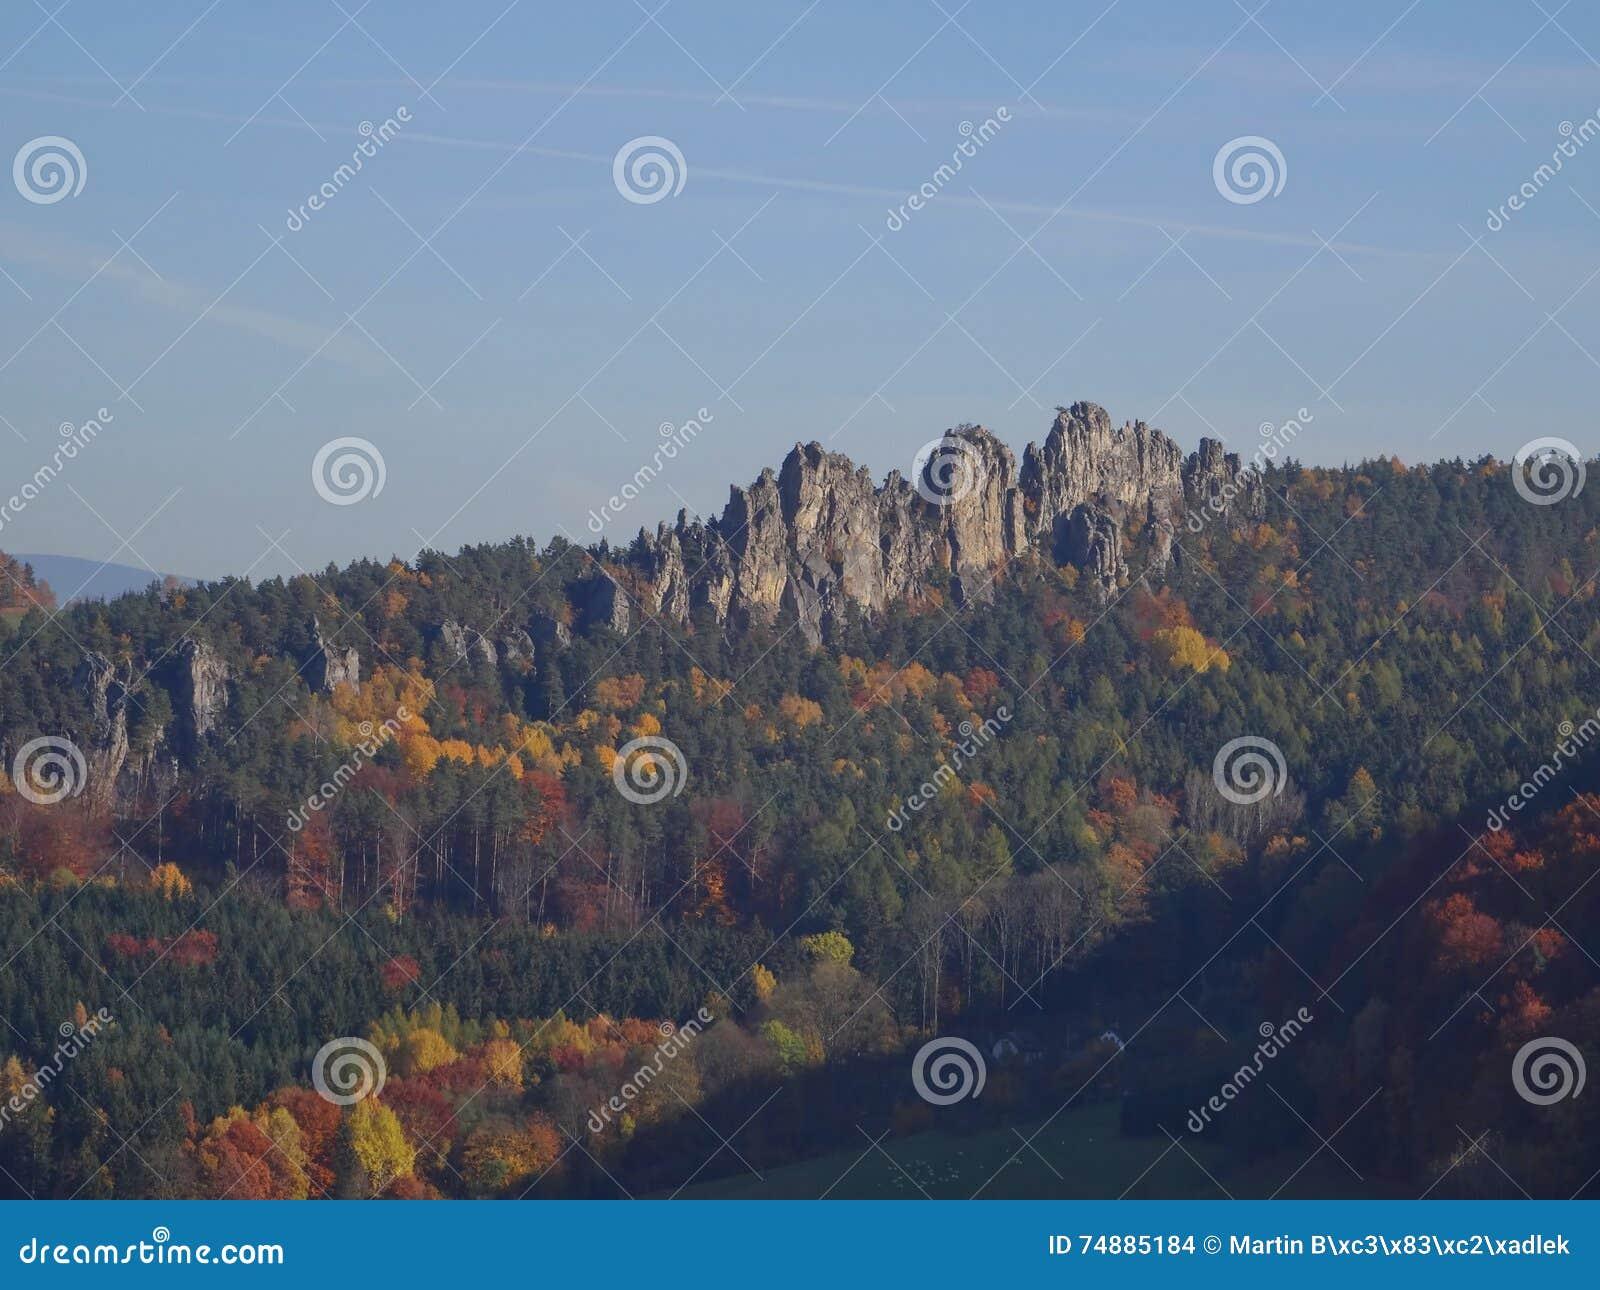 Mala-skala, böhmisches Paradies, Tschechische Republik